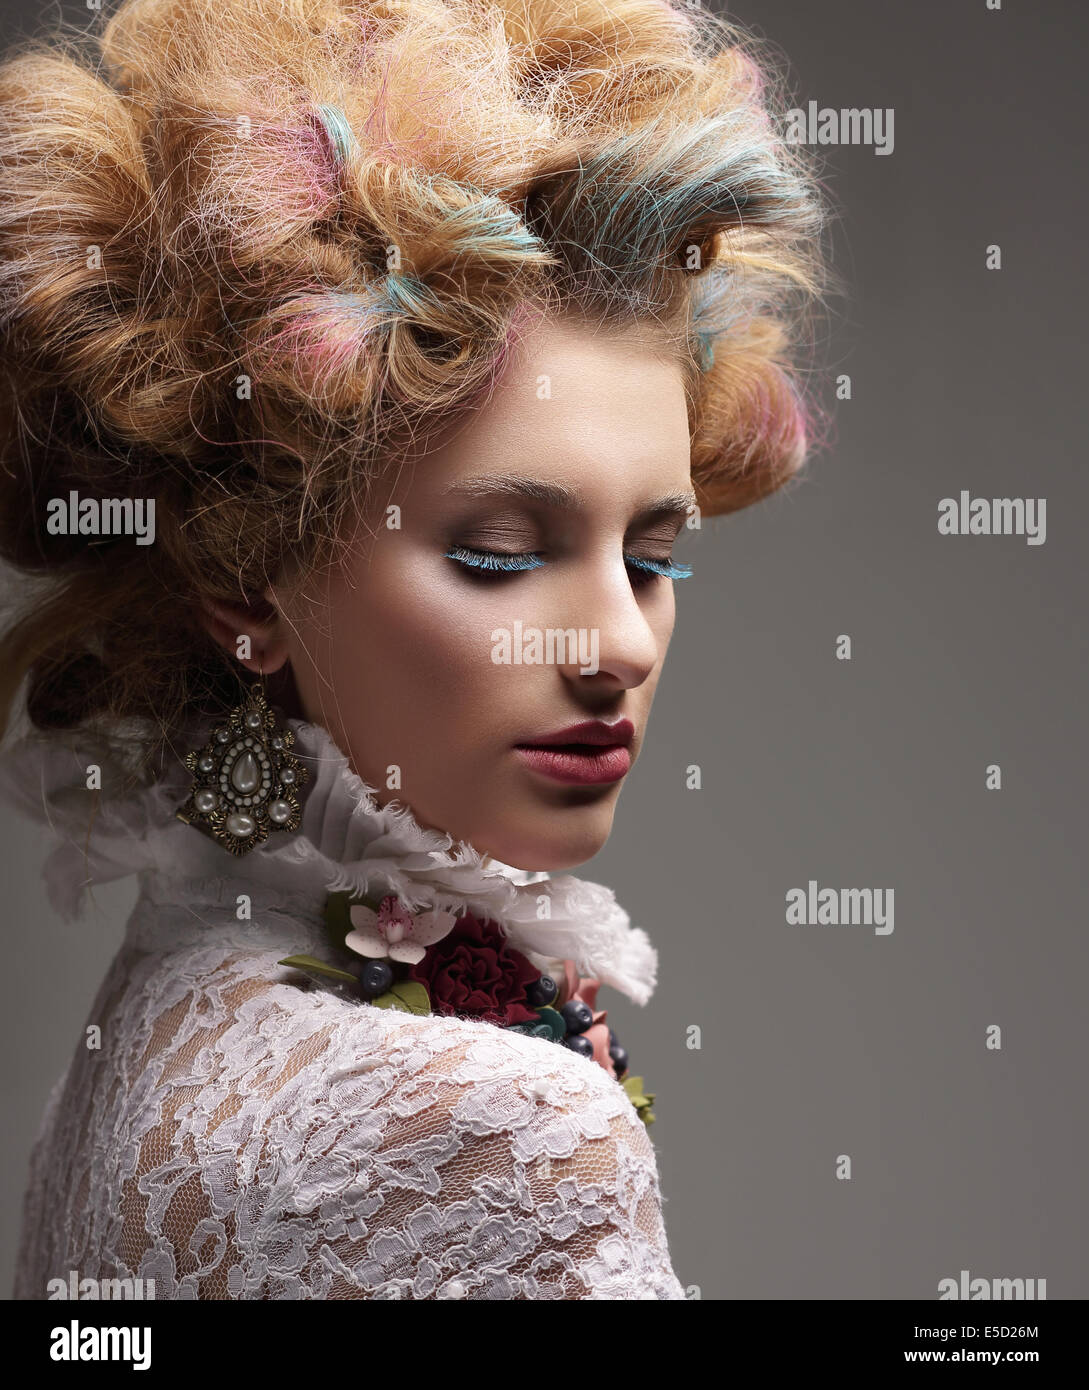 L'inspiration. Modèle de mode avec des cheveux teints Photo Stock